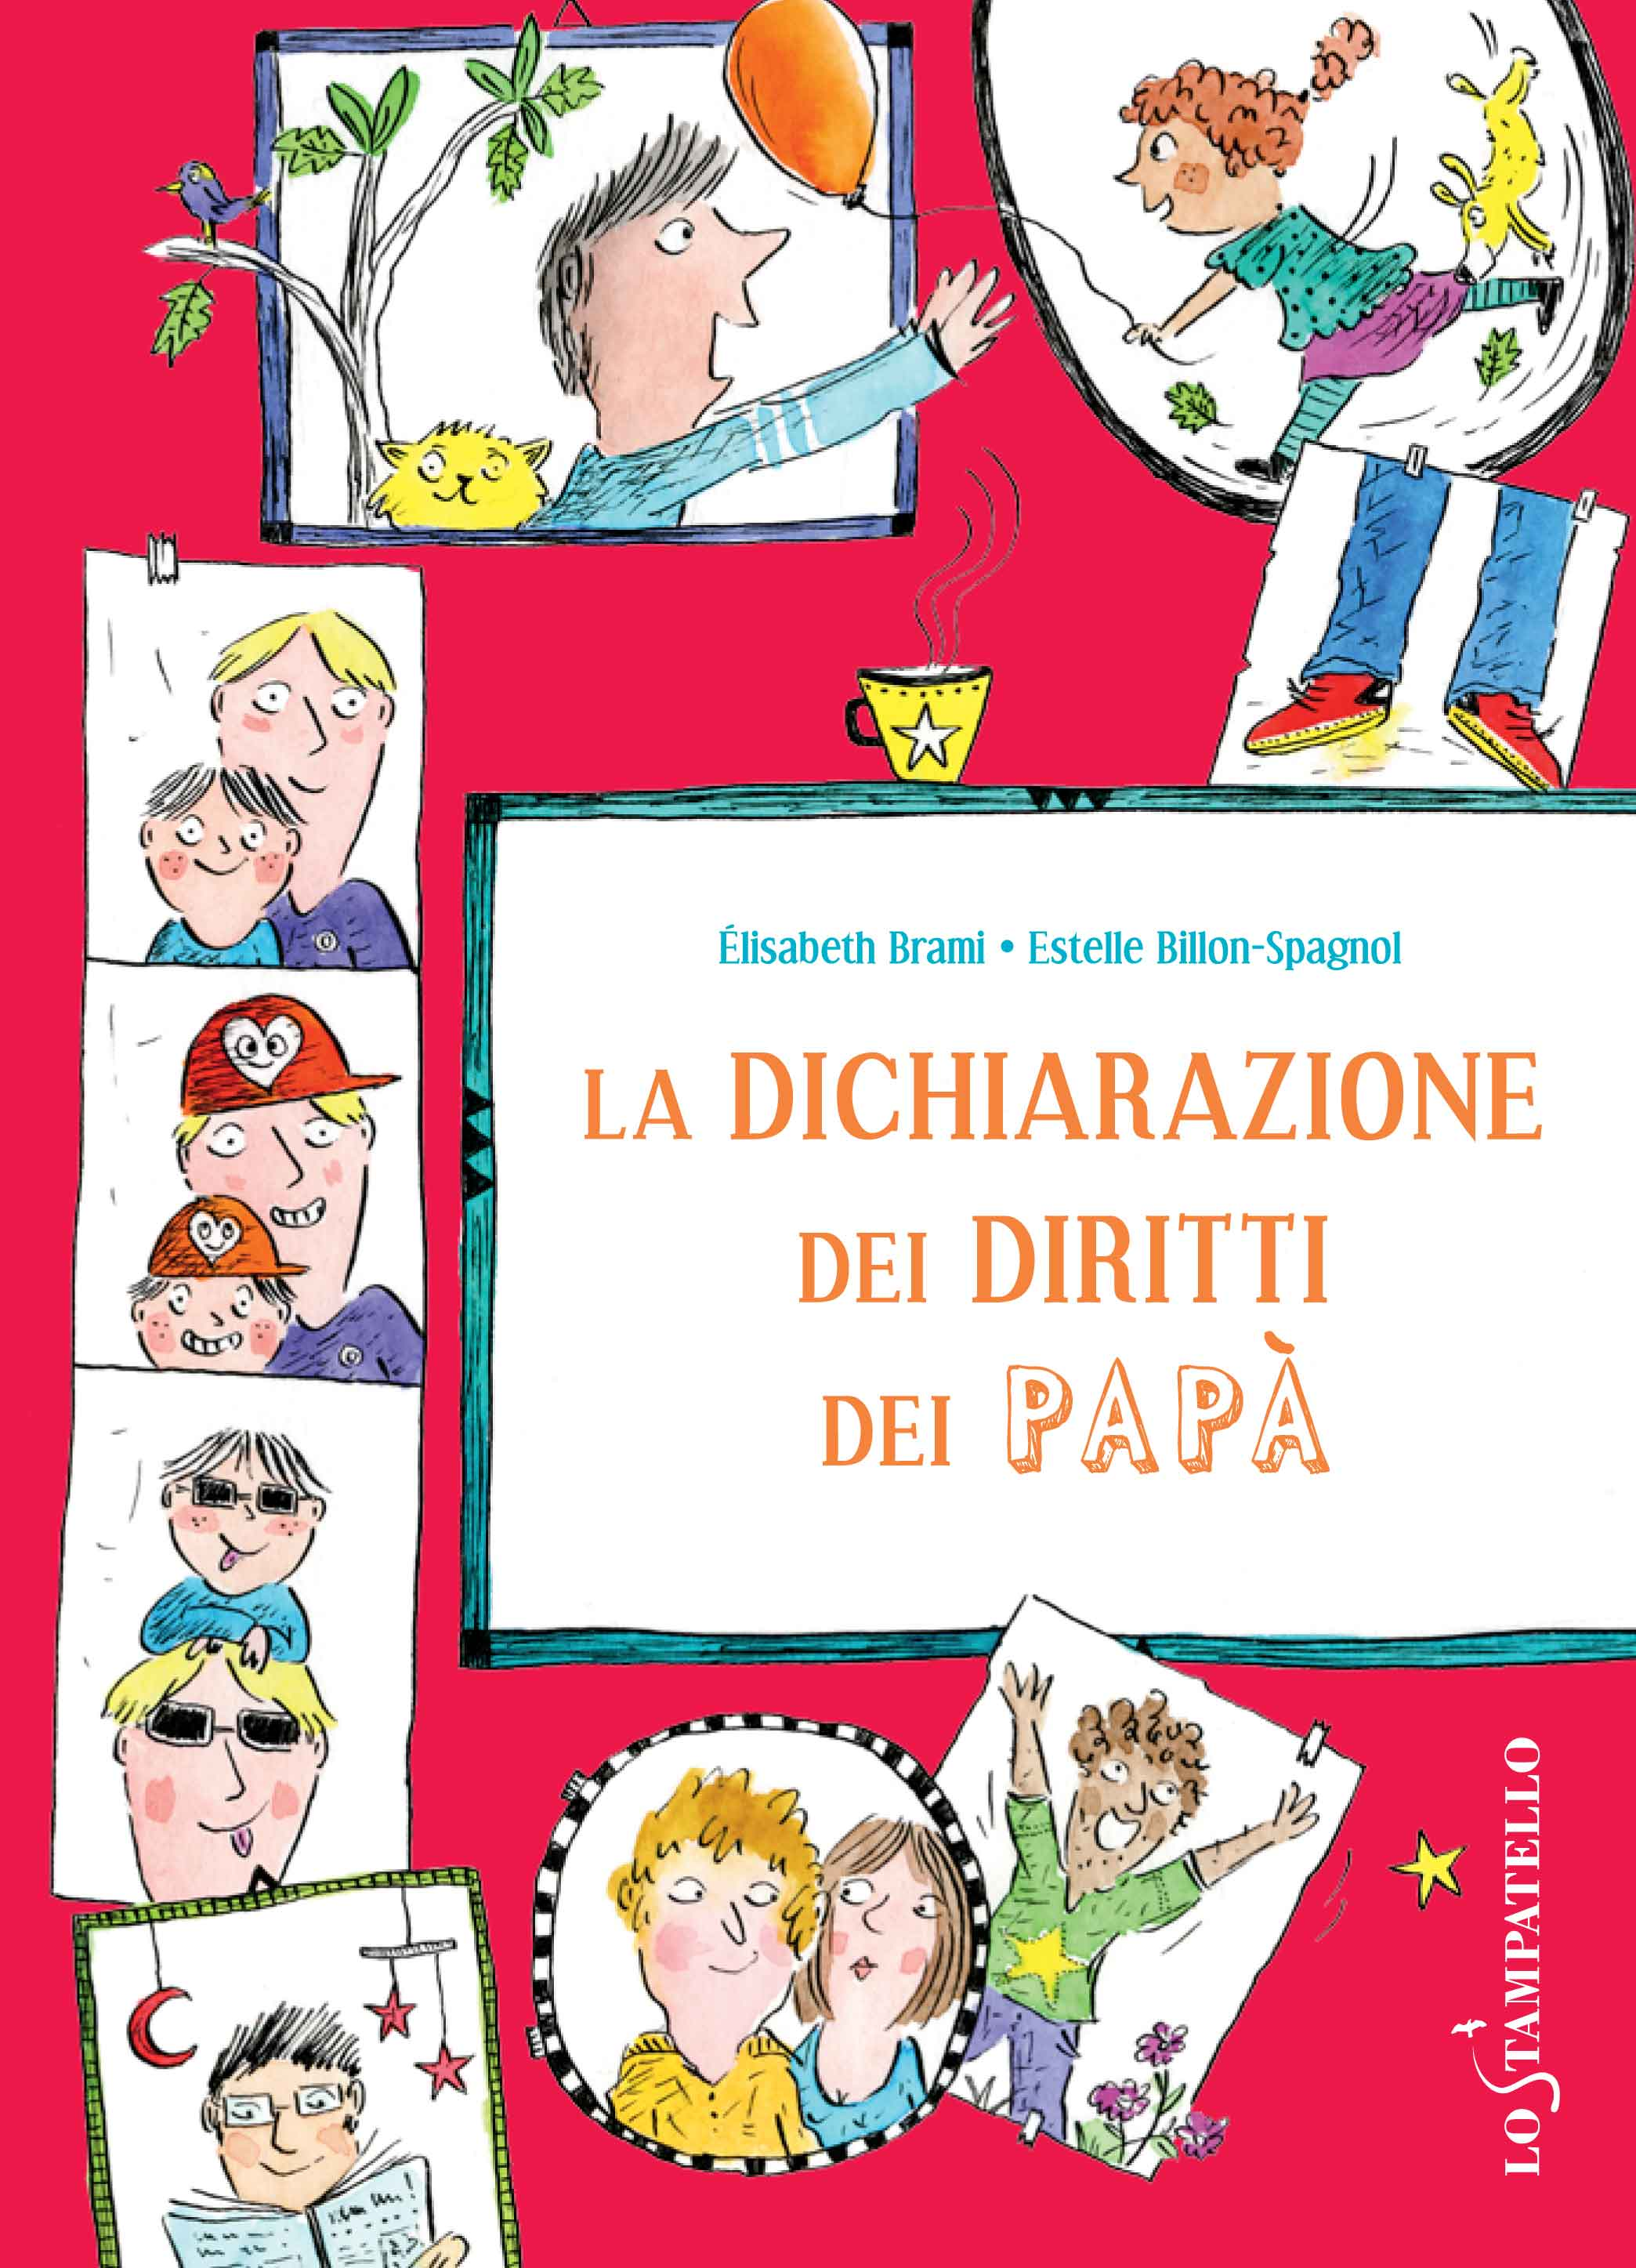 LA DICHIARAZIONE DEI DIRITTI DEI PAPA' di Elisabeth Brami, illustrazioni di Estelle Billon-Spagno